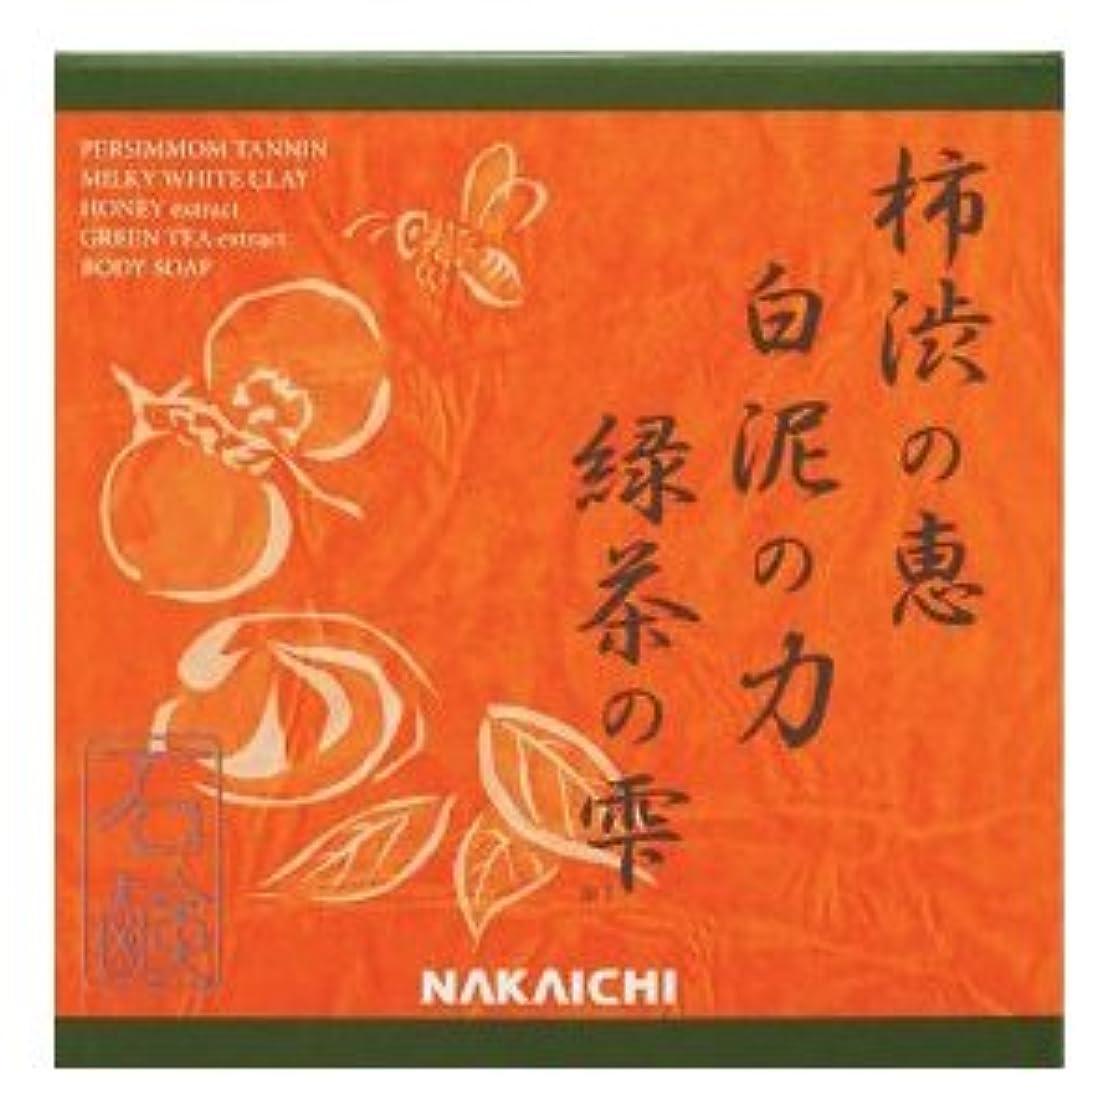 甘味メナジェリー望まない柿渋の恵み?白泥の力?緑茶の雫  Nakaichi クリアボディーソープ  100g  (化粧品)